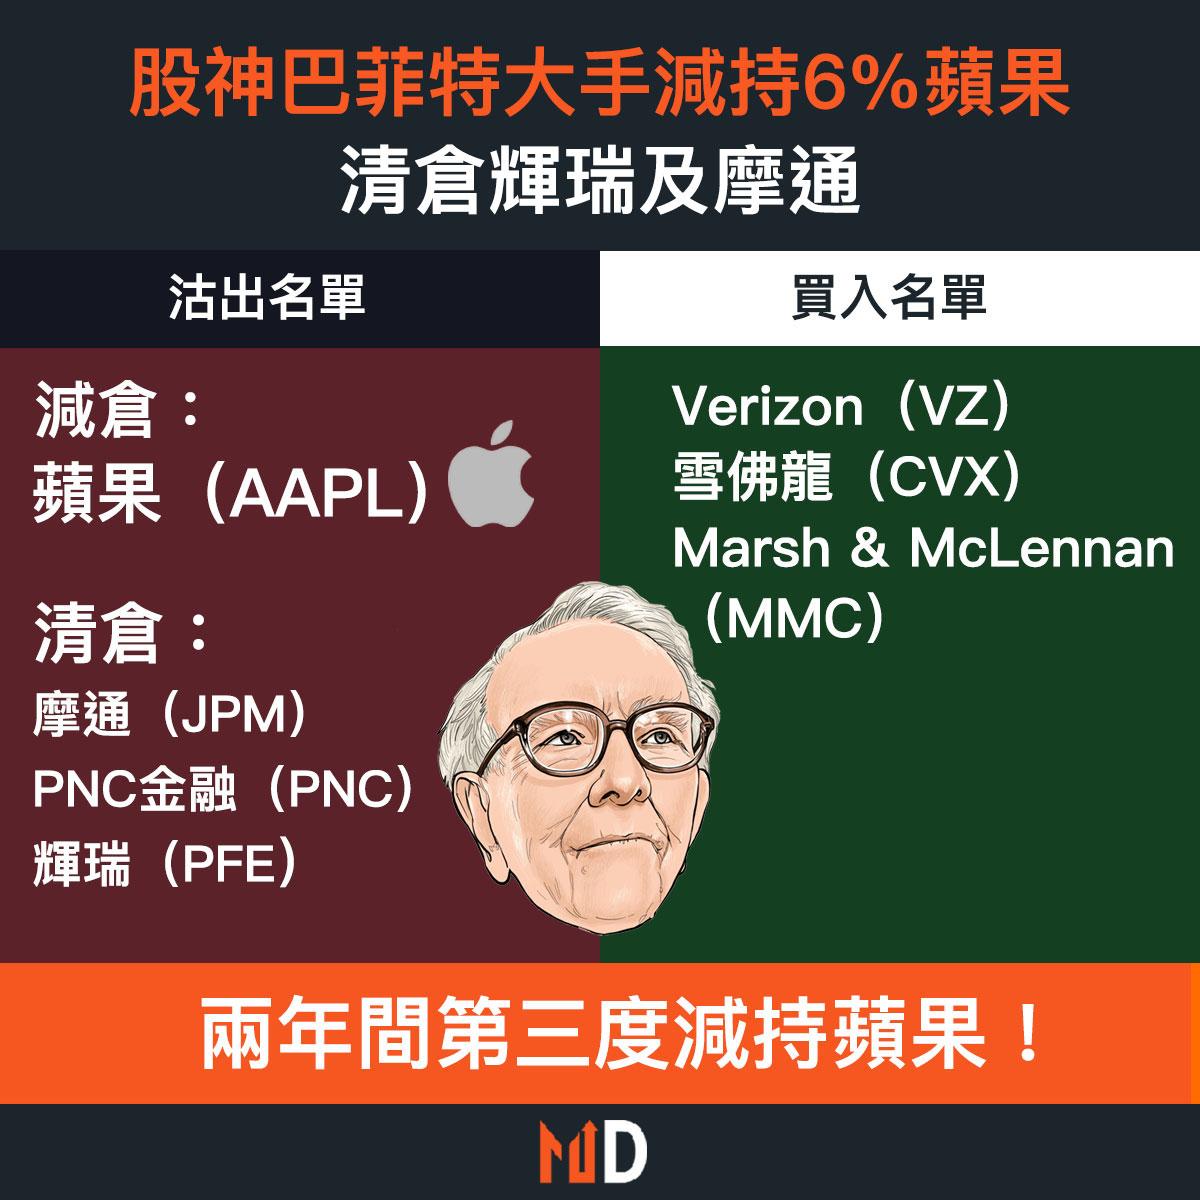 【#市場熱話】股神再度大手減持6%蘋果,清倉輝瑞及摩通,兩年間第三度減持蘋果!